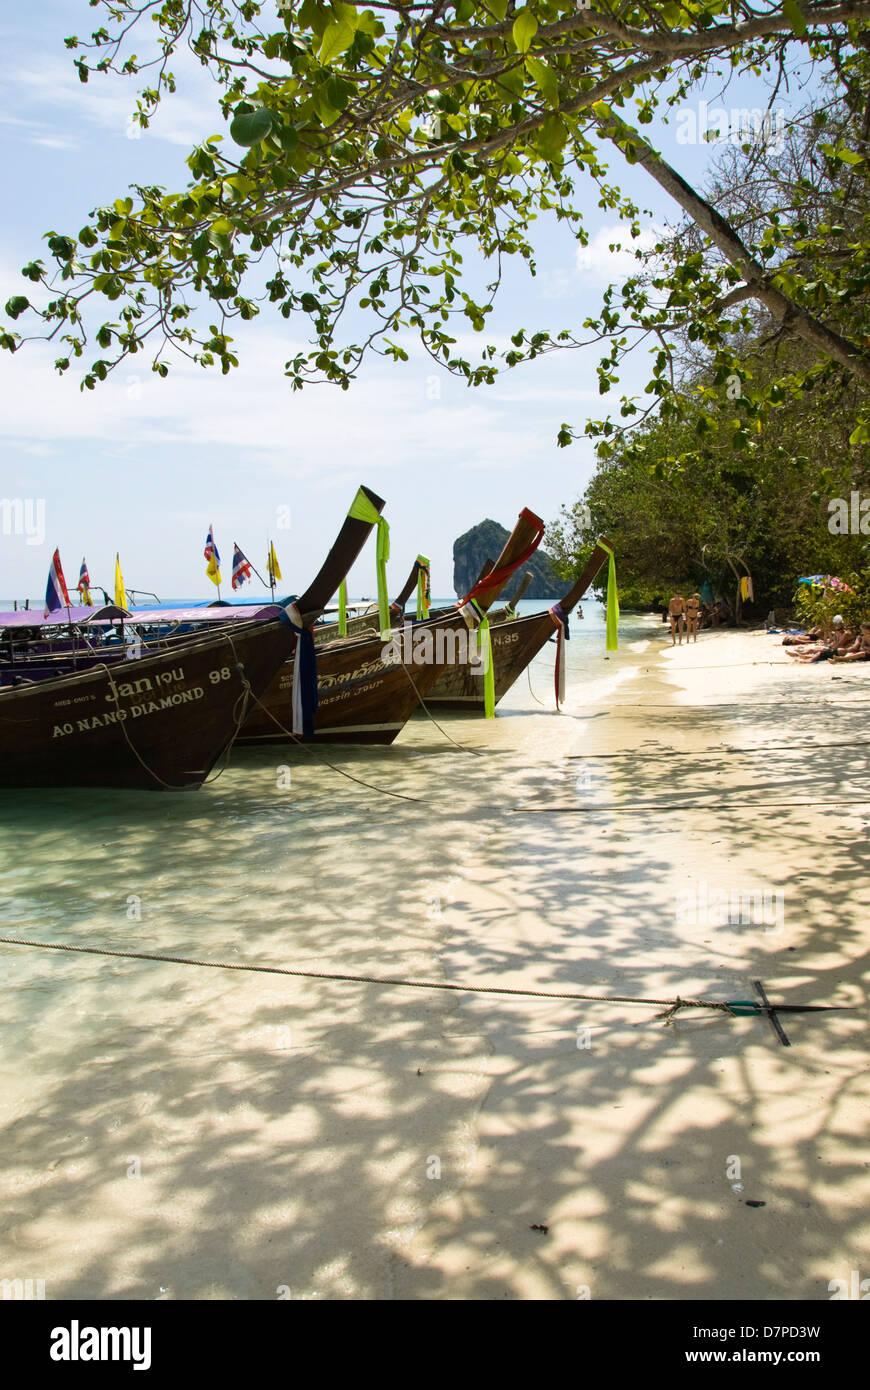 Chicken Island of Thailand, Thailaendische Insel - Stock Image